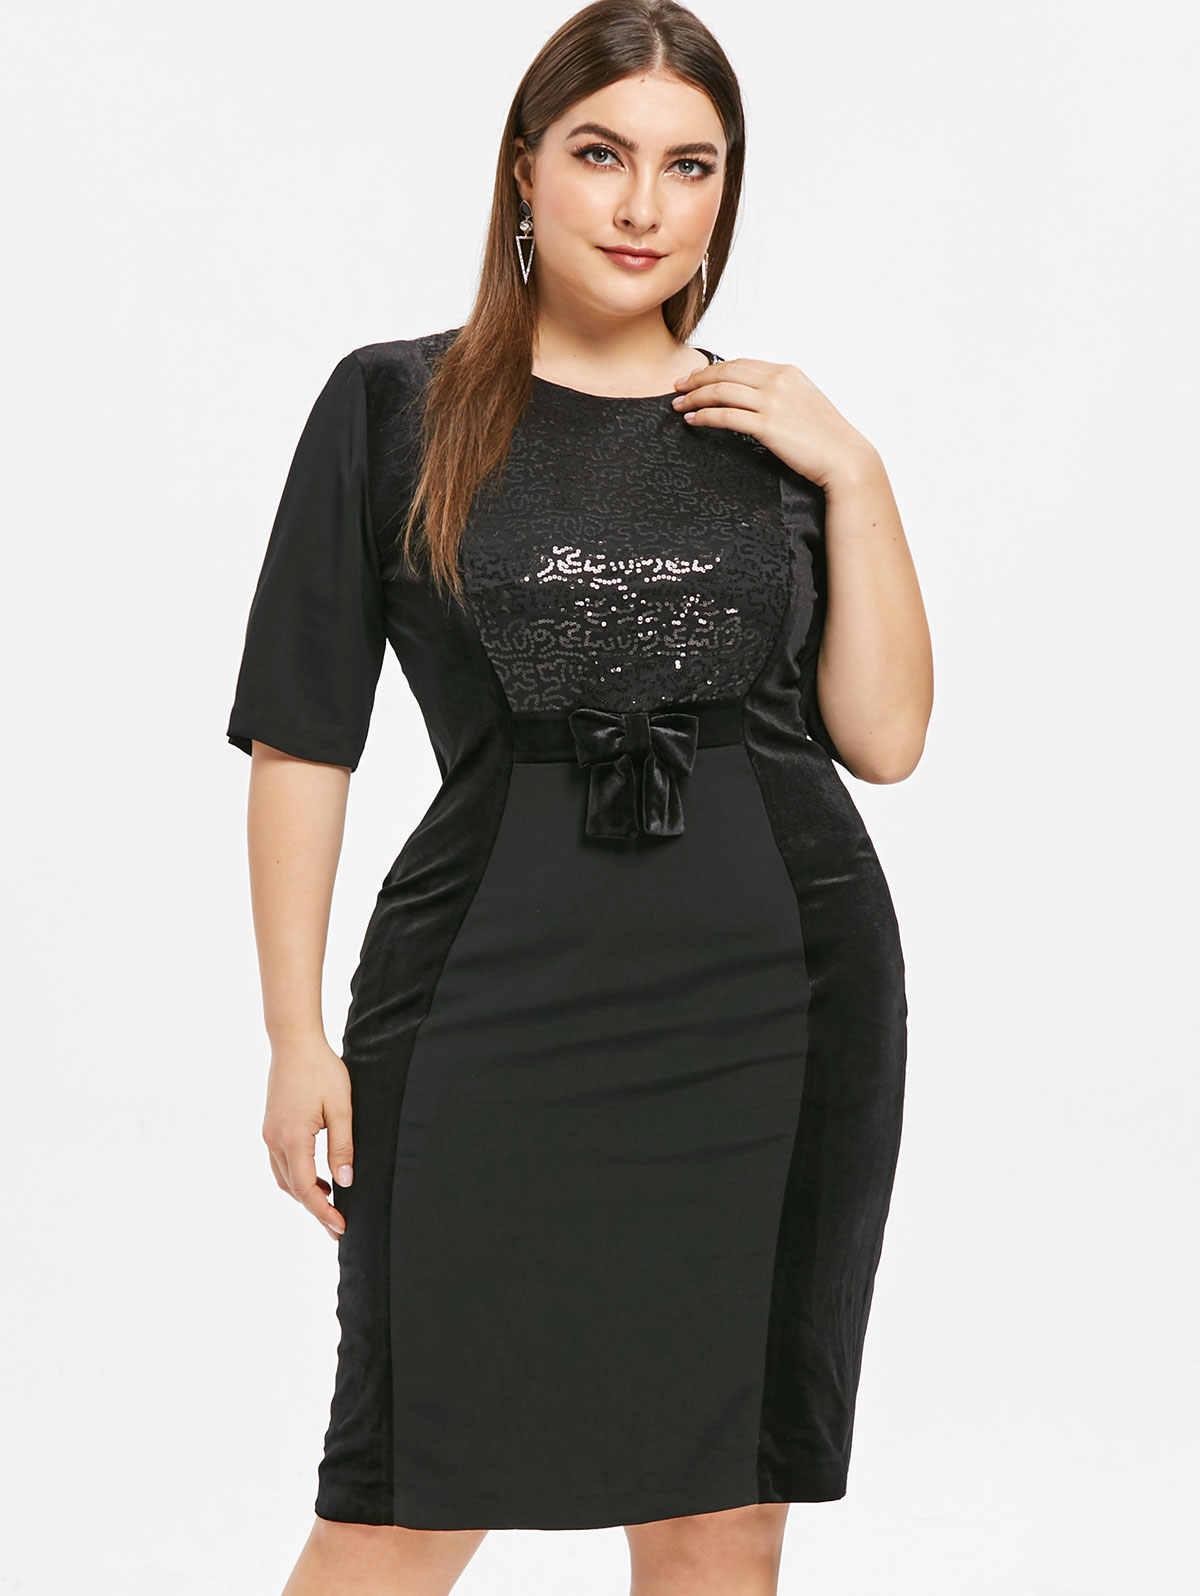 Wipalo Для Женщин Половина рукава блесток плюс Размеры 6XL облегающее платье по колено с бантиком, украшенные облегающее, для клуба, для вечеринки платье Vestidos